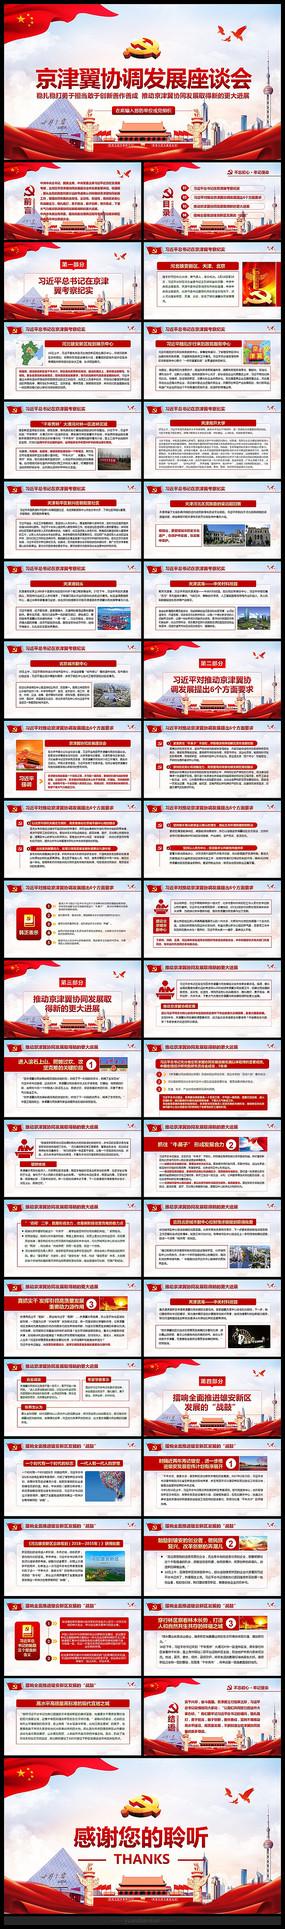 京津冀协同发展党建PPT